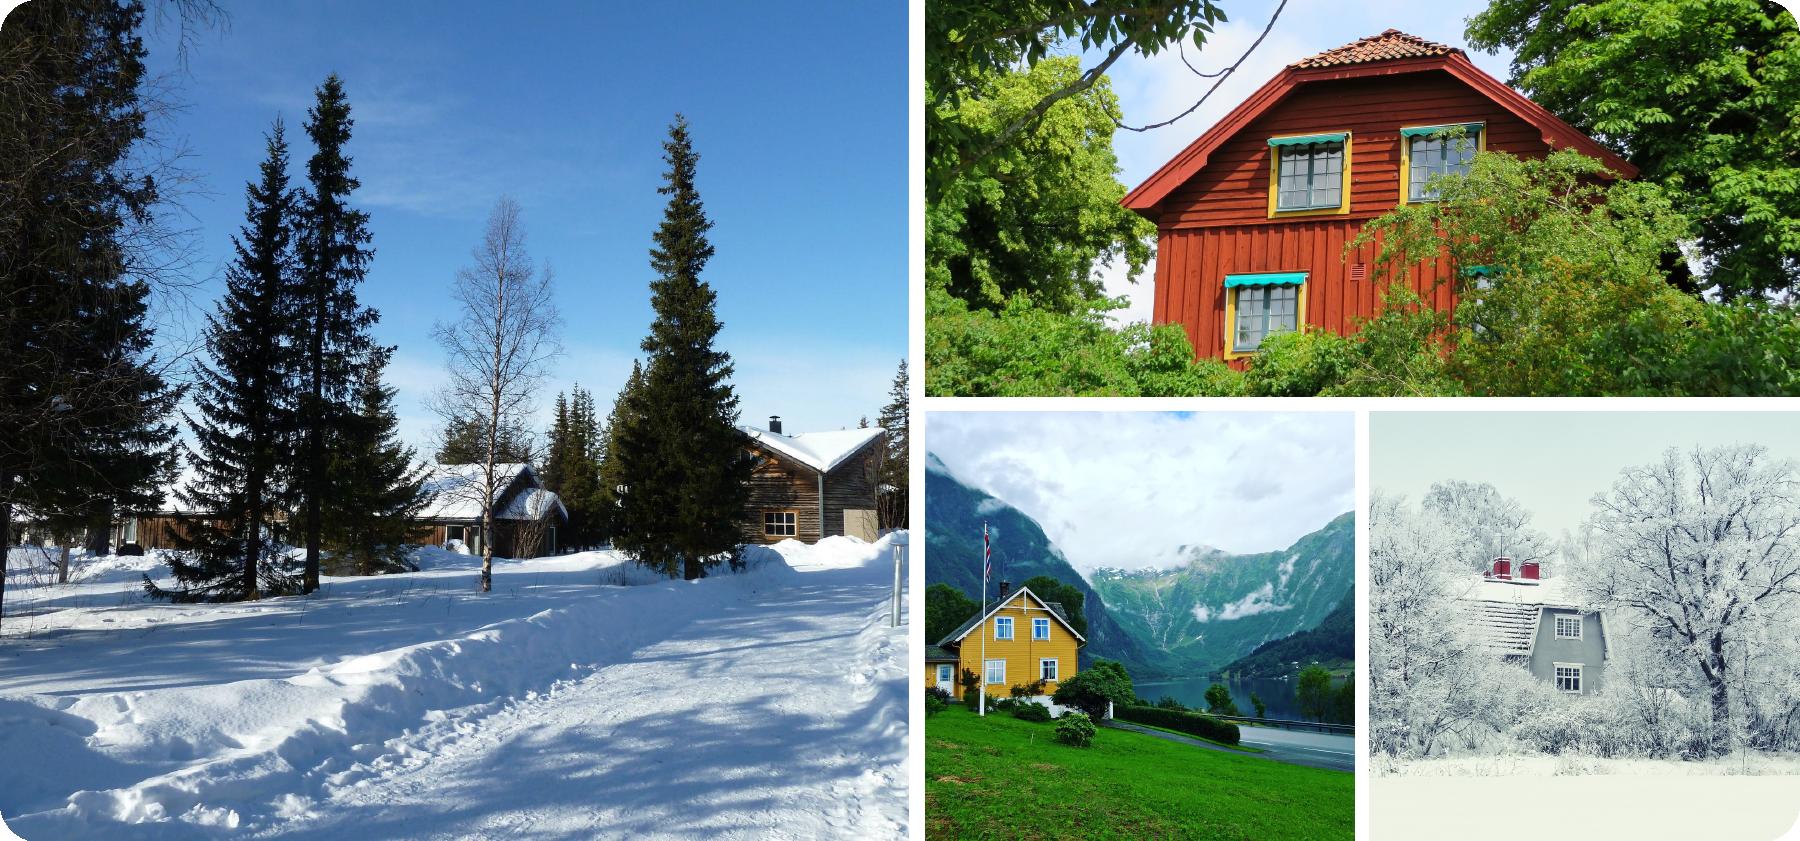 コーラリー 北欧の家イメージ 北欧の風景